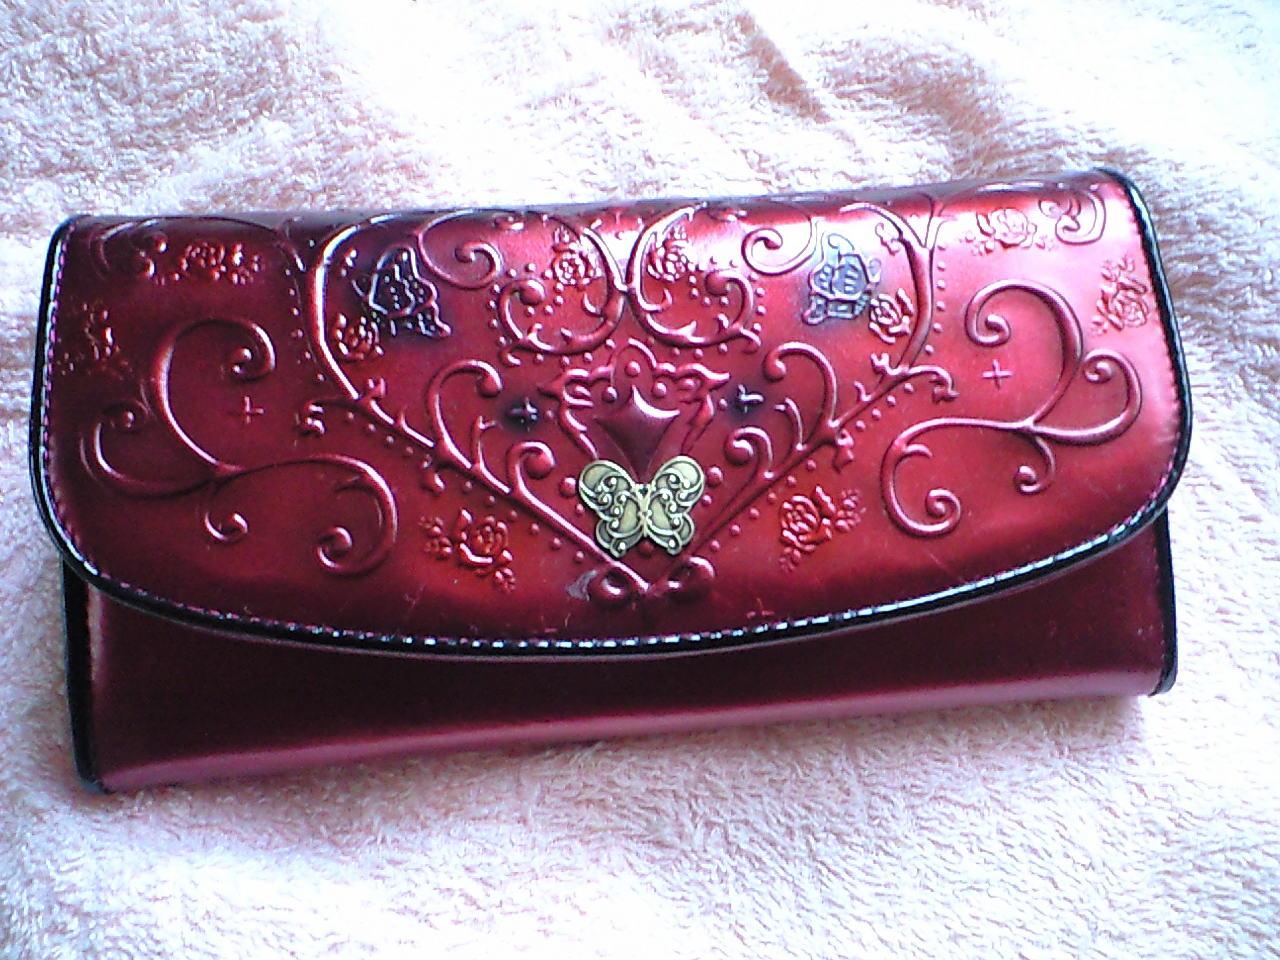 best service 59df7 88f0b ANNA SUI 財布 : 彼女へのプレゼント、何をあげたら喜ぶ ...